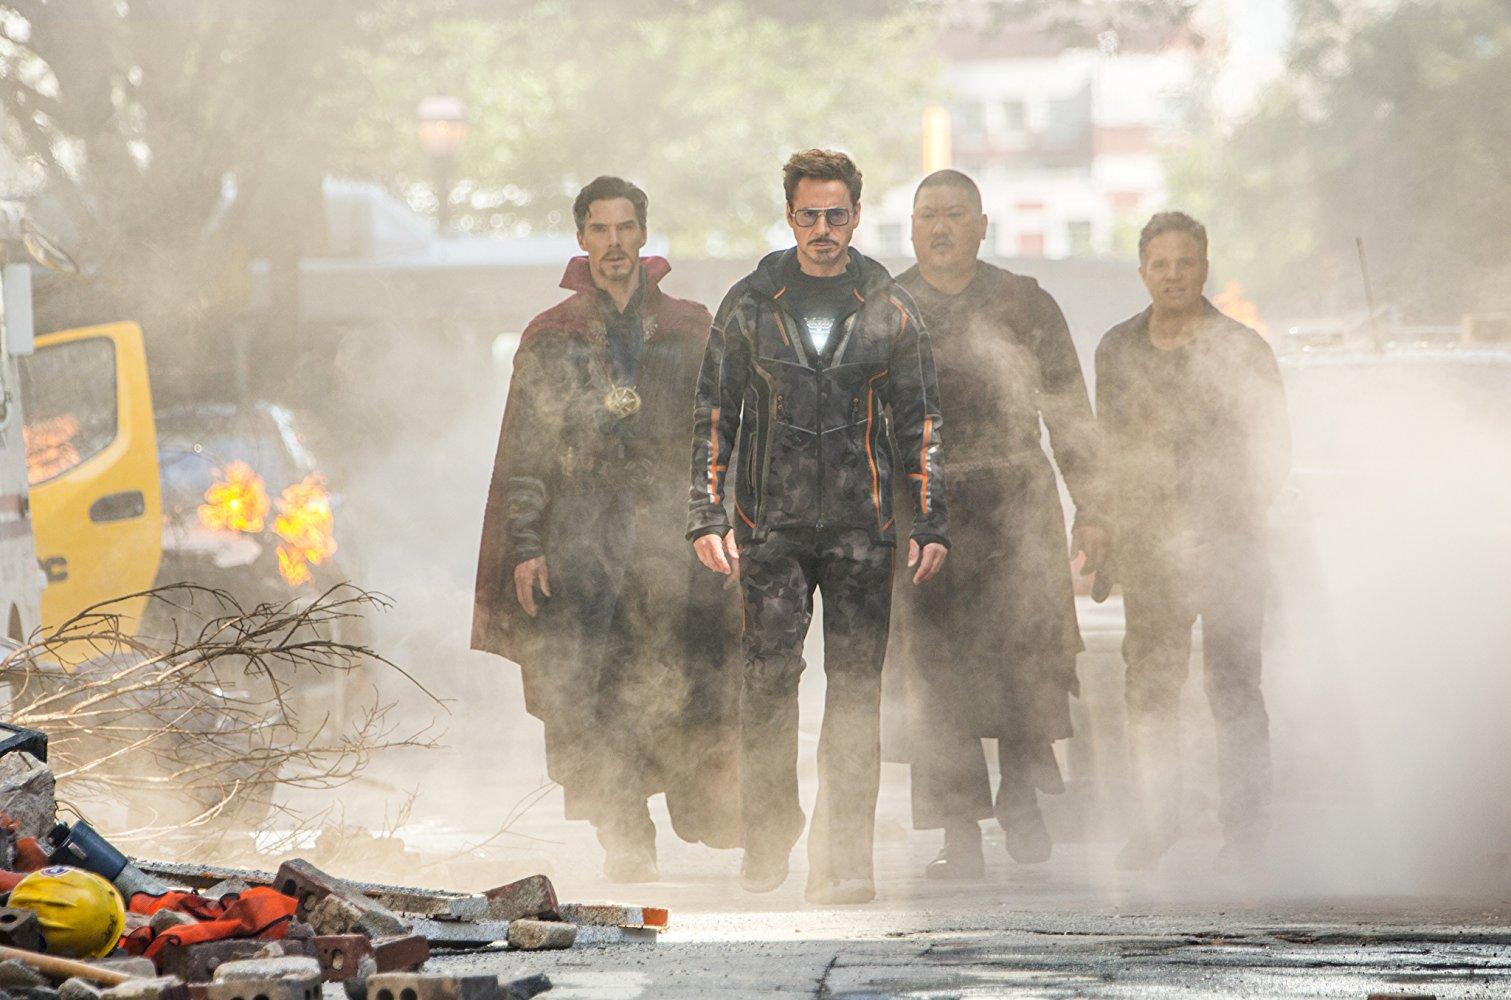 انتقام جویان گیشه سینمای جهان را به آتش کشیدند/فروش یک میلیارد دلاری در کمتر از یک هفته+عکس//////////////////پنجشنبه